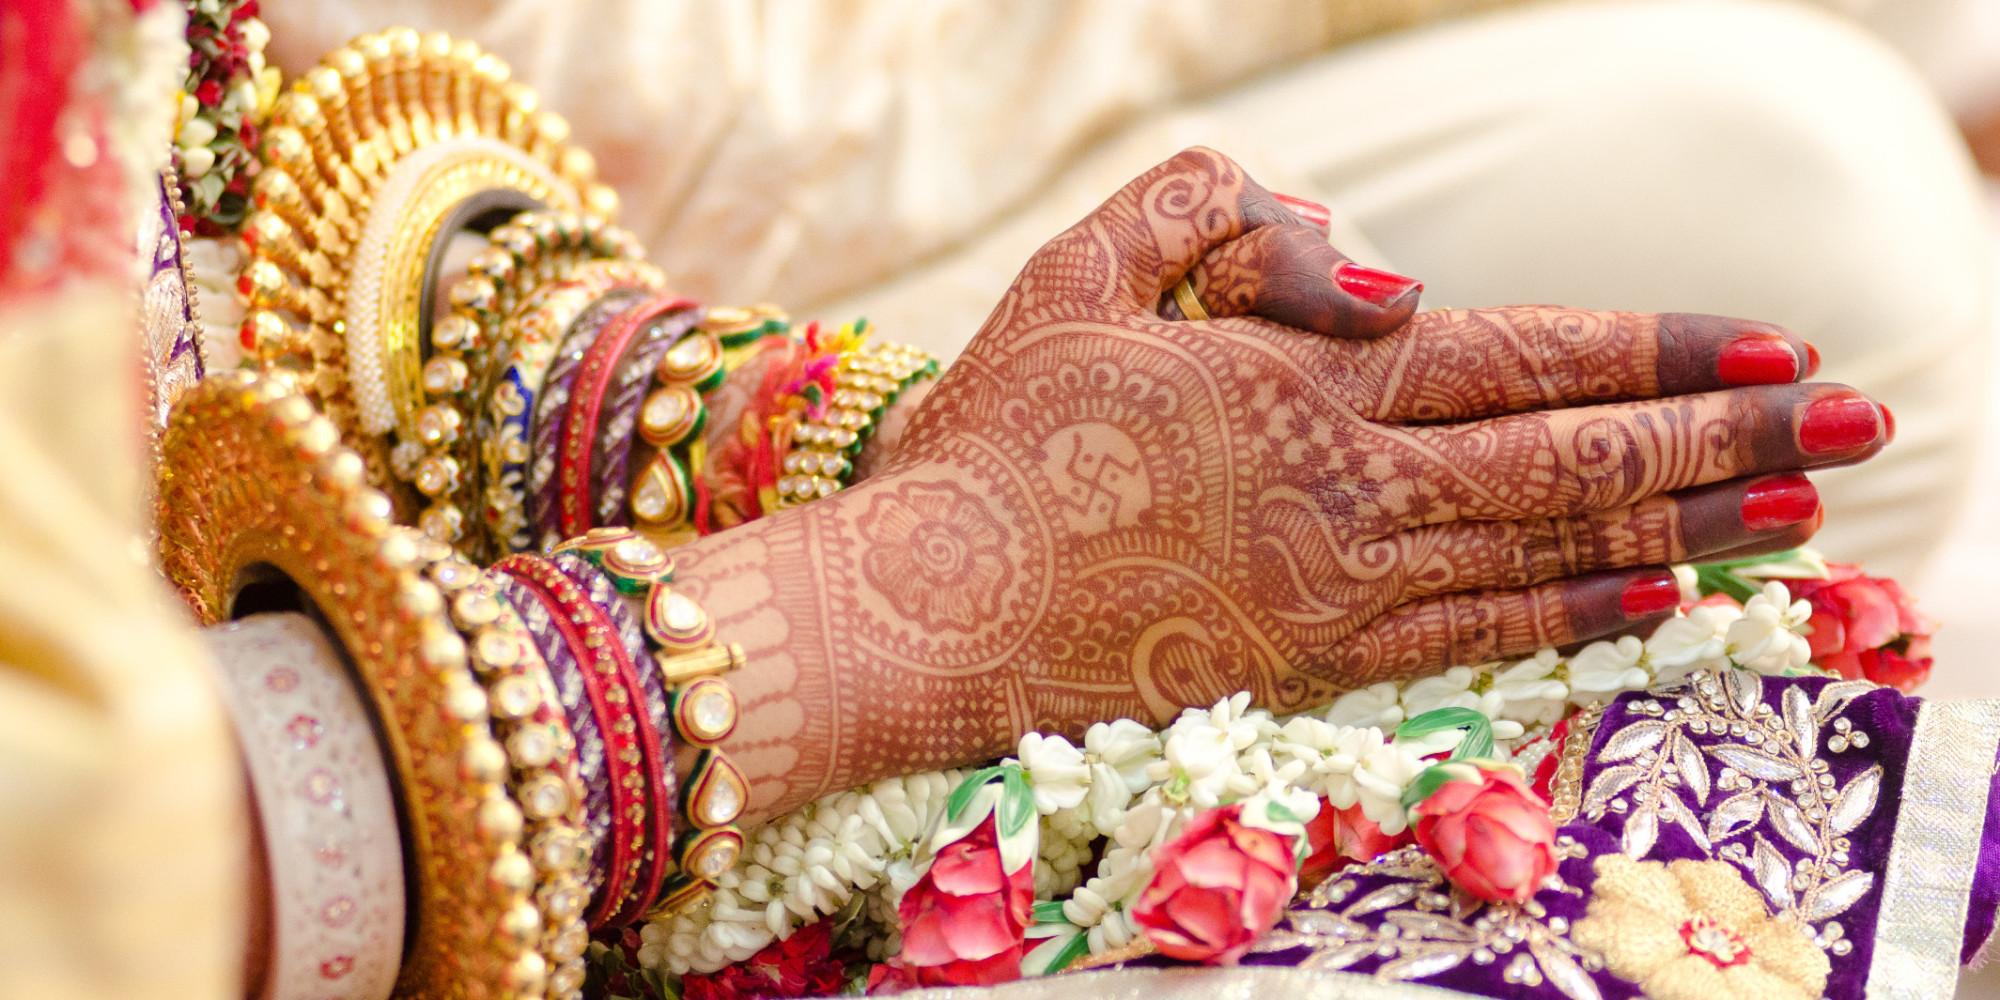 Indian wedding naked photo — pic 3